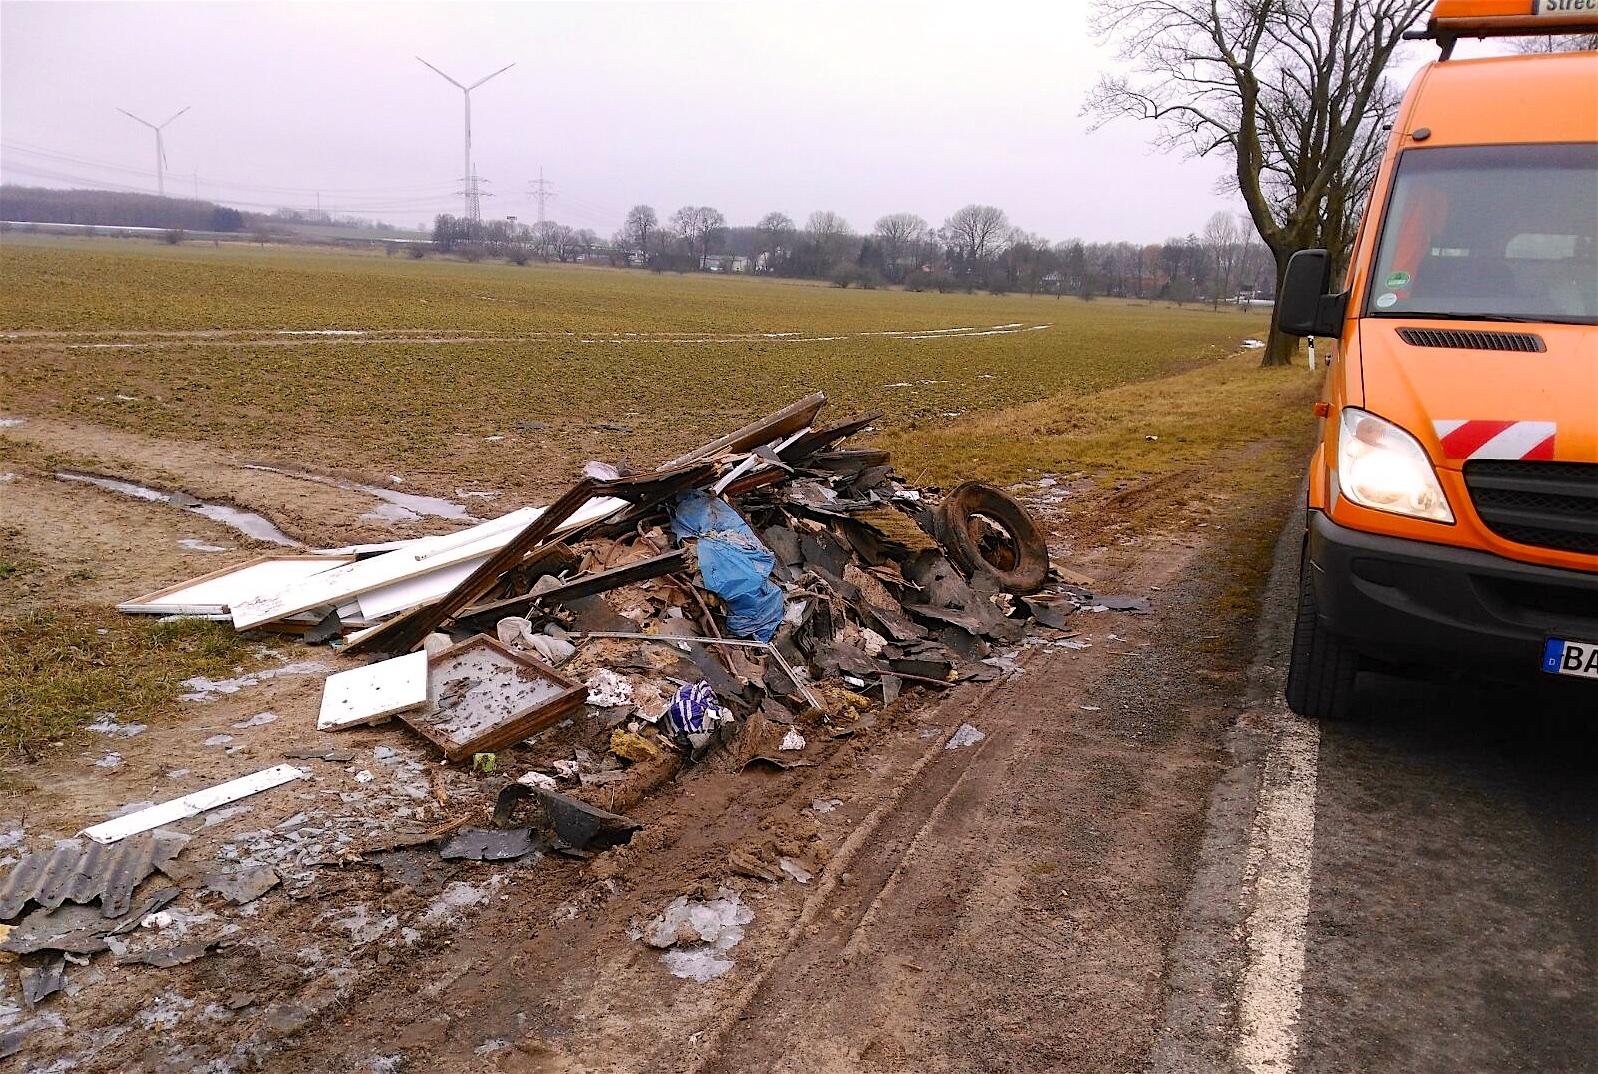 Sperrmüll Eberswalde illegale müllentsorgung umweltsündern in barnim auf der spur